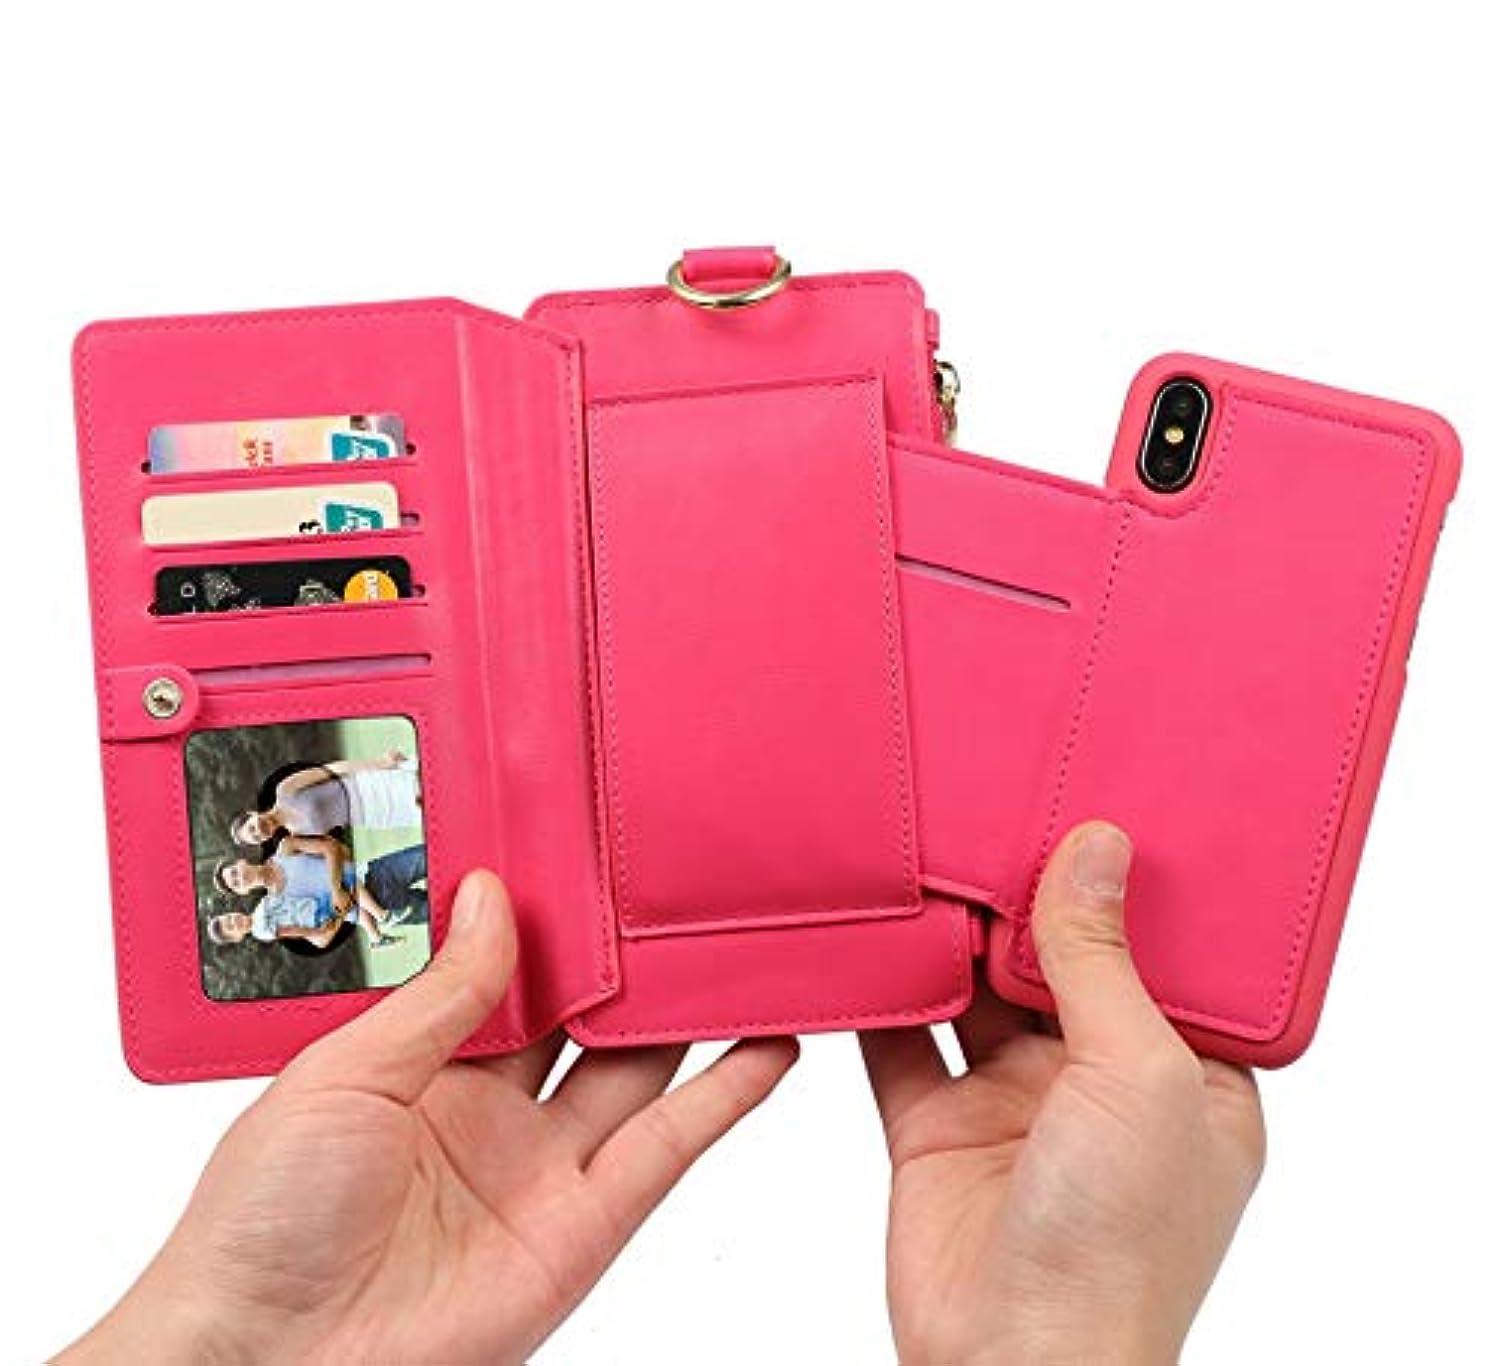 受け皿リングレットスペシャリストiPhone 8 Plus パソコンExit包保護套 - 折りたたみ保護袖 - 立ちブラケット-ビジネススタイル-全身保護-内殻金属リング-12札入れ-相枠-取り外し可能な電話ケース財布 5.5インチiPhone 7 Plus...